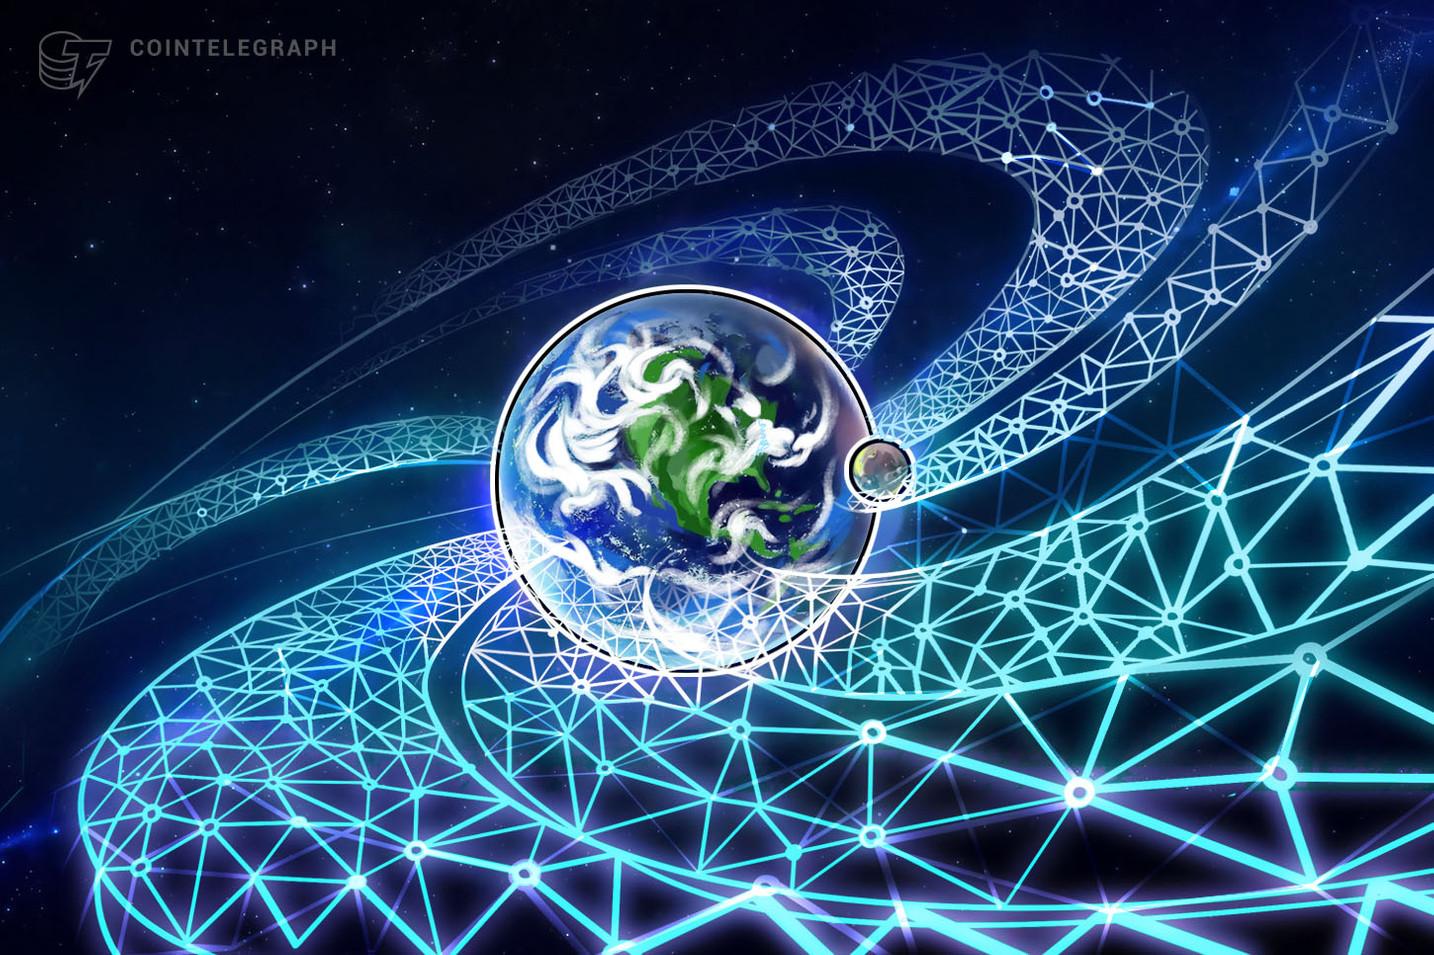 Houston, wir haben die Lösung: Blockchain für die Raumfahrtindustrie